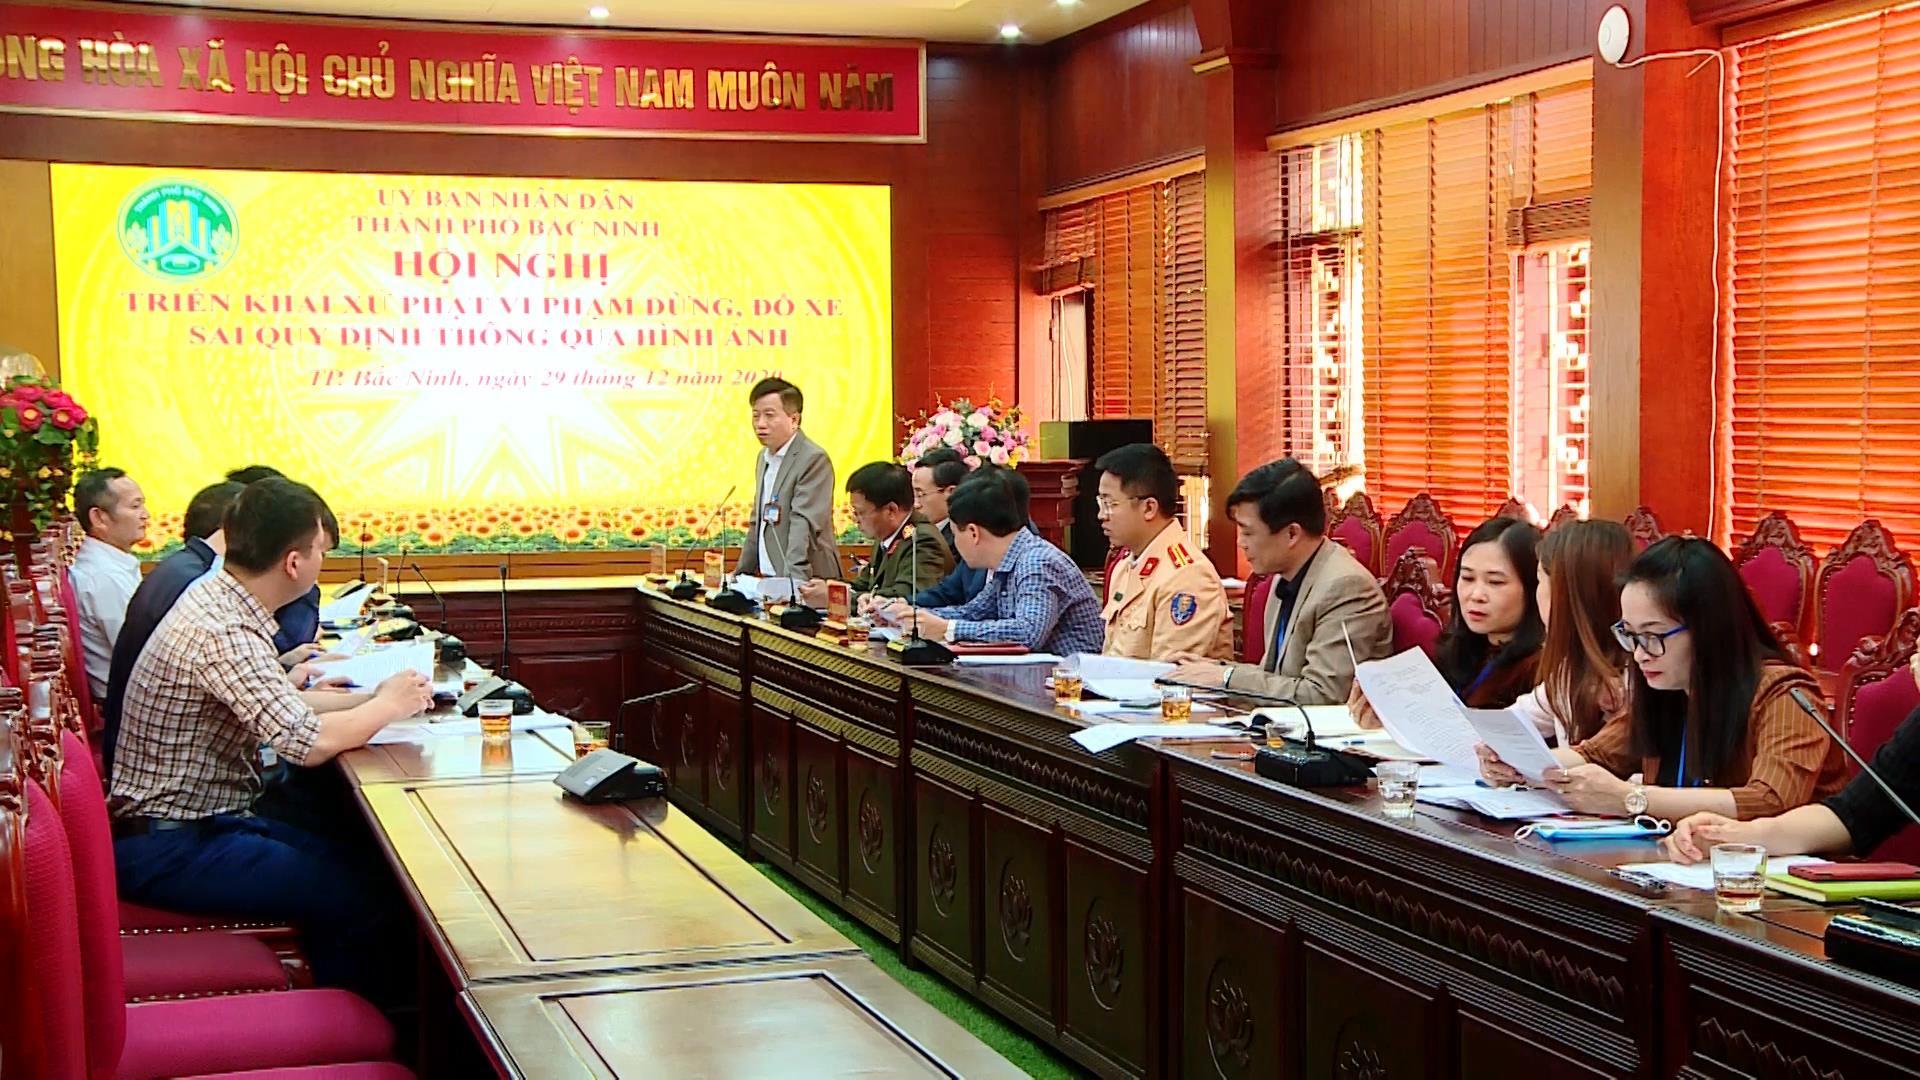 Thành phố Bắc Ninh triển khai xử lý phương tiện  dừng, đỗ sai quy định thông qua hình ảnh